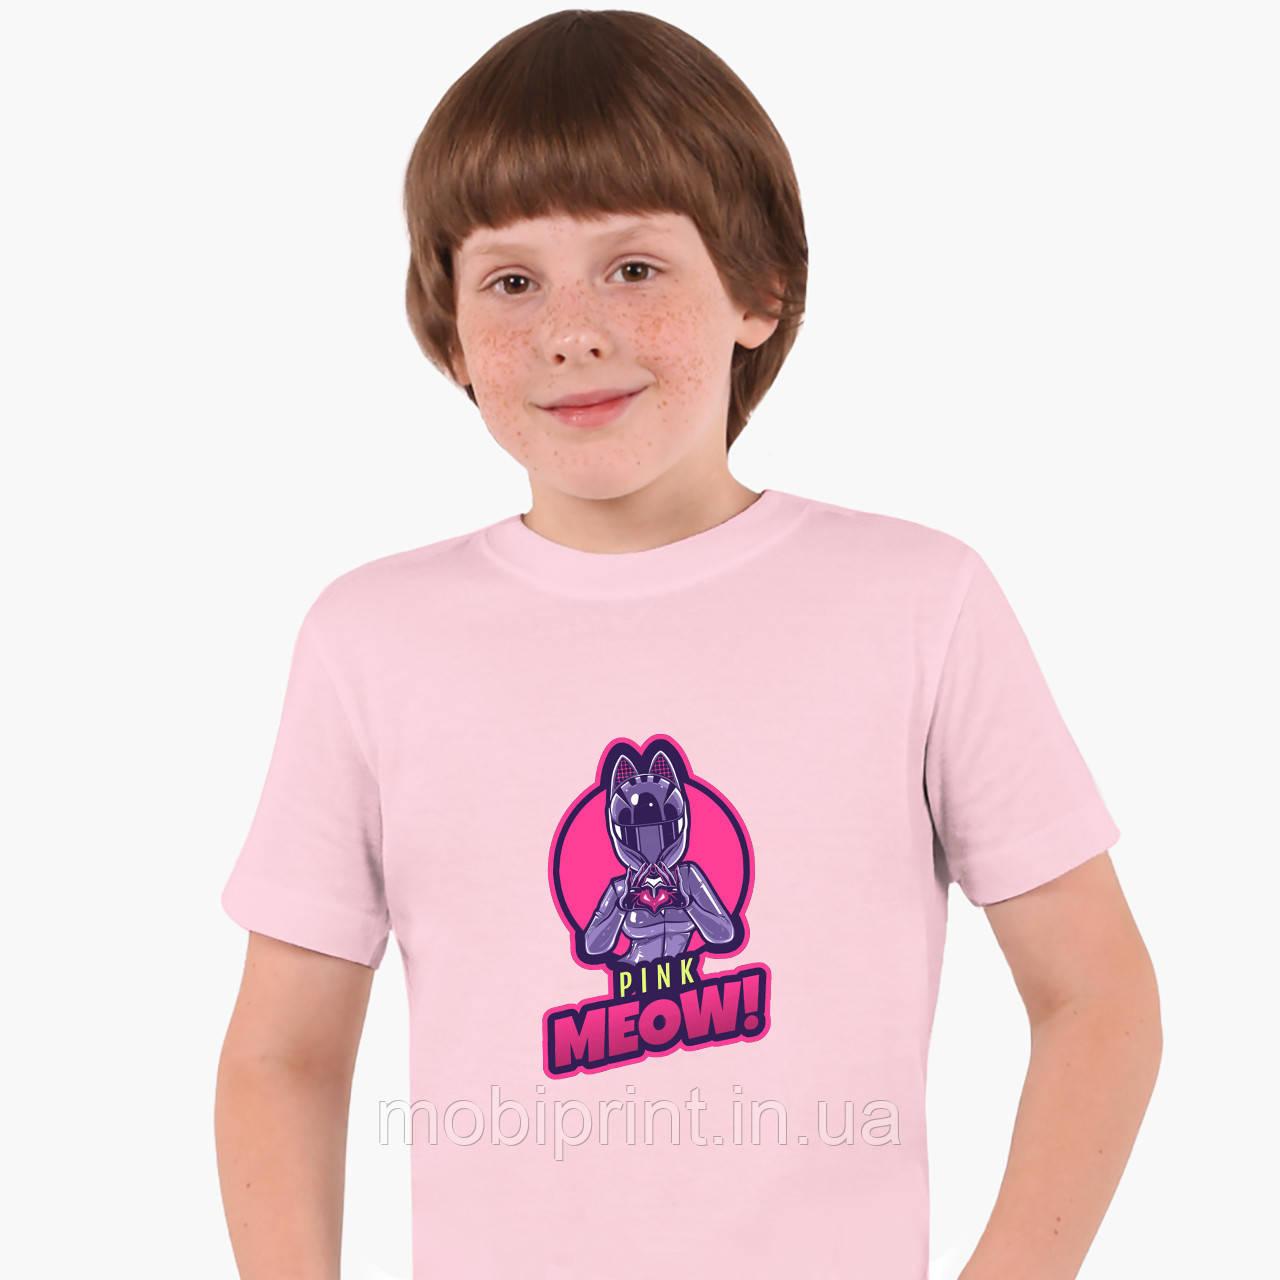 Детская футболка для мальчиков Фортнайт (Fortnite) (25186-1191) Розовый